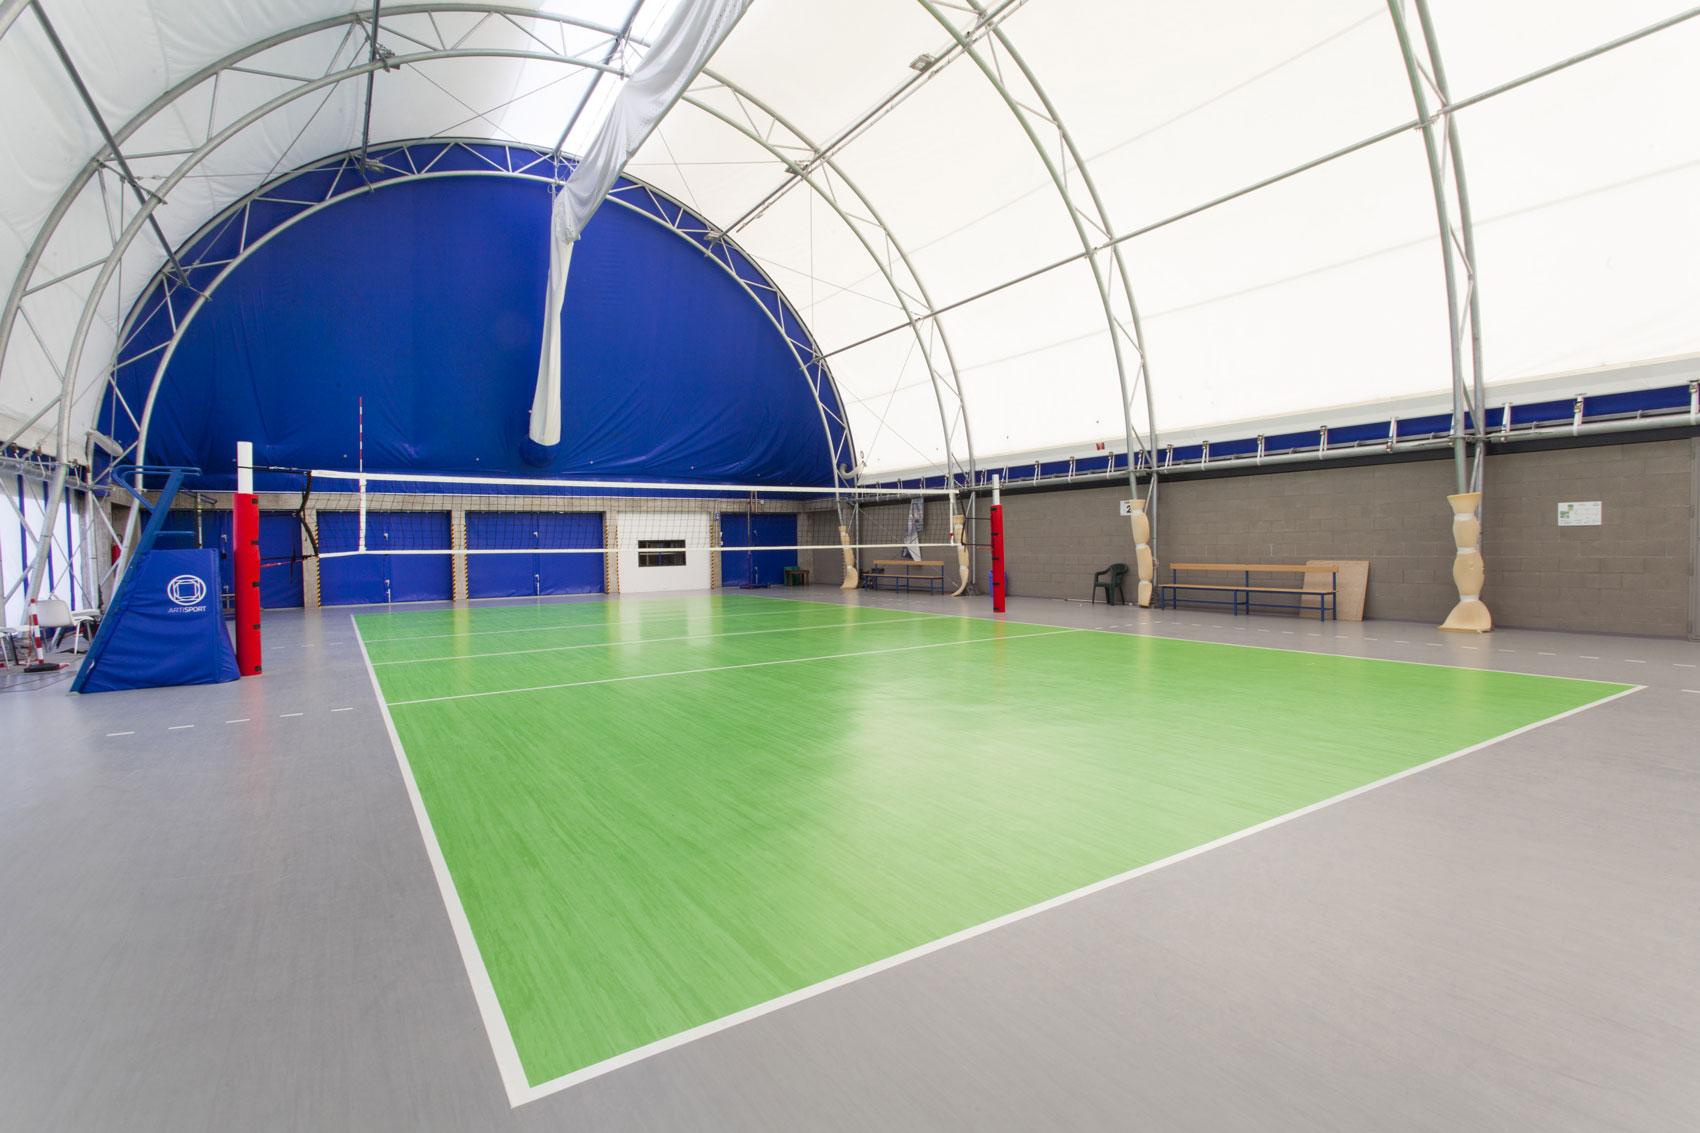 Centro Polisportivo Centogrigio  Sport Village, Alessandria, Italia